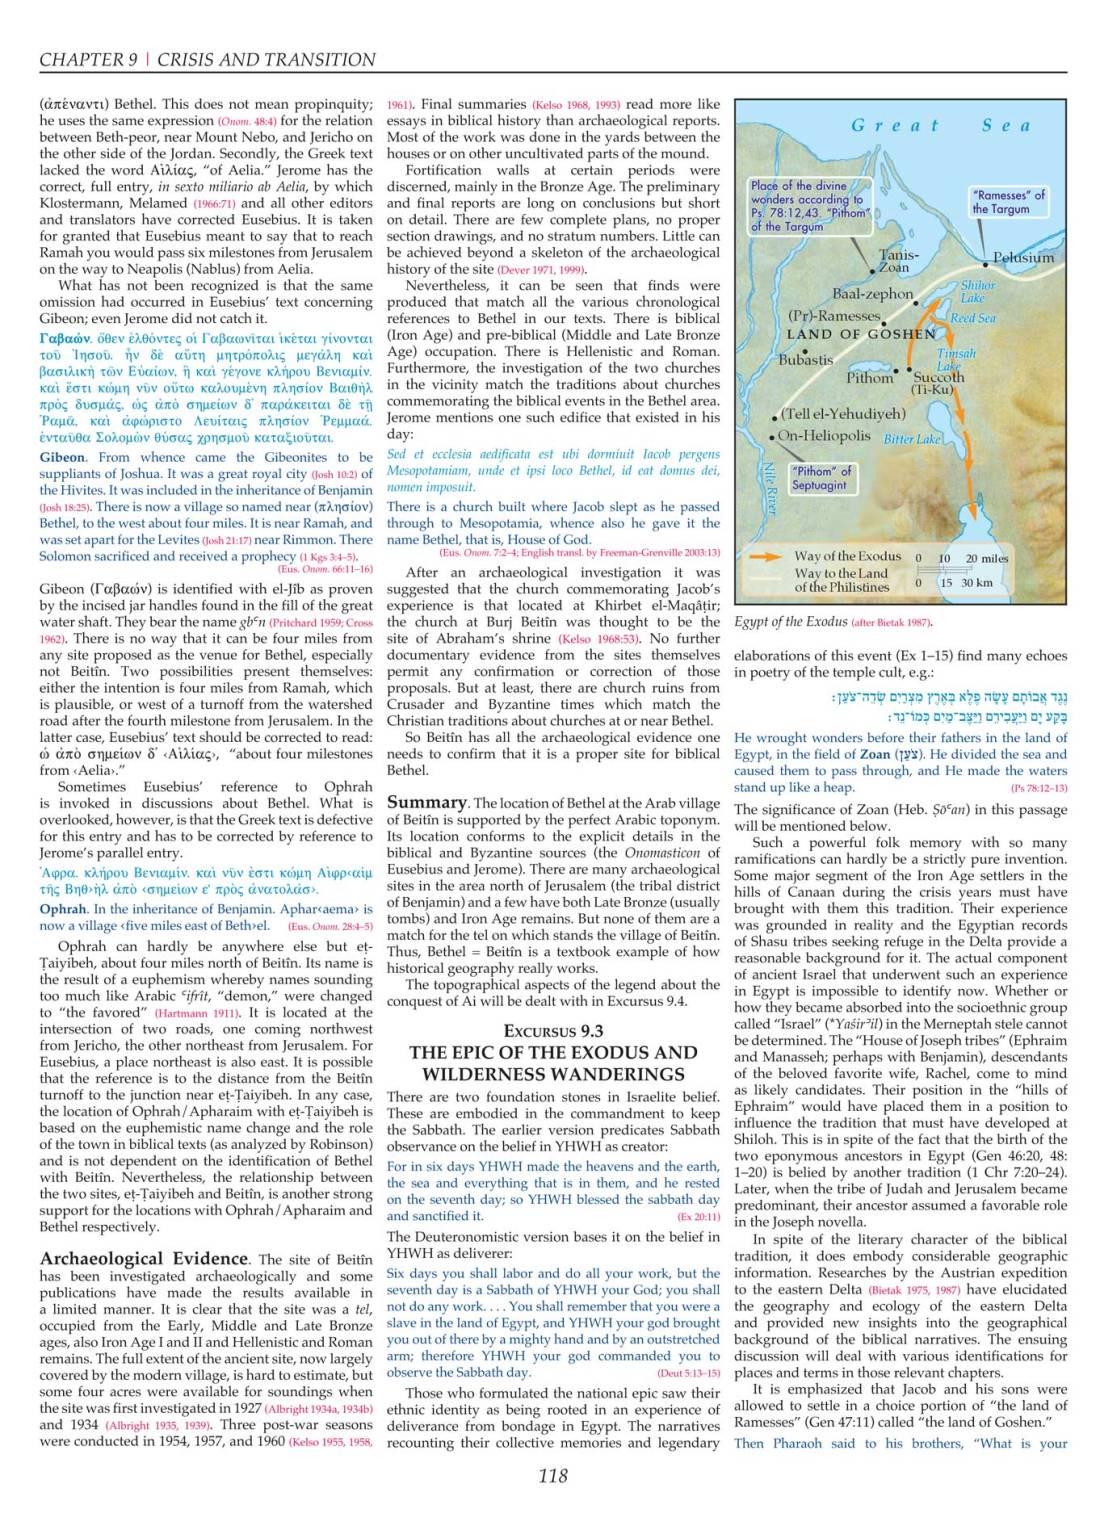 TSB page 118